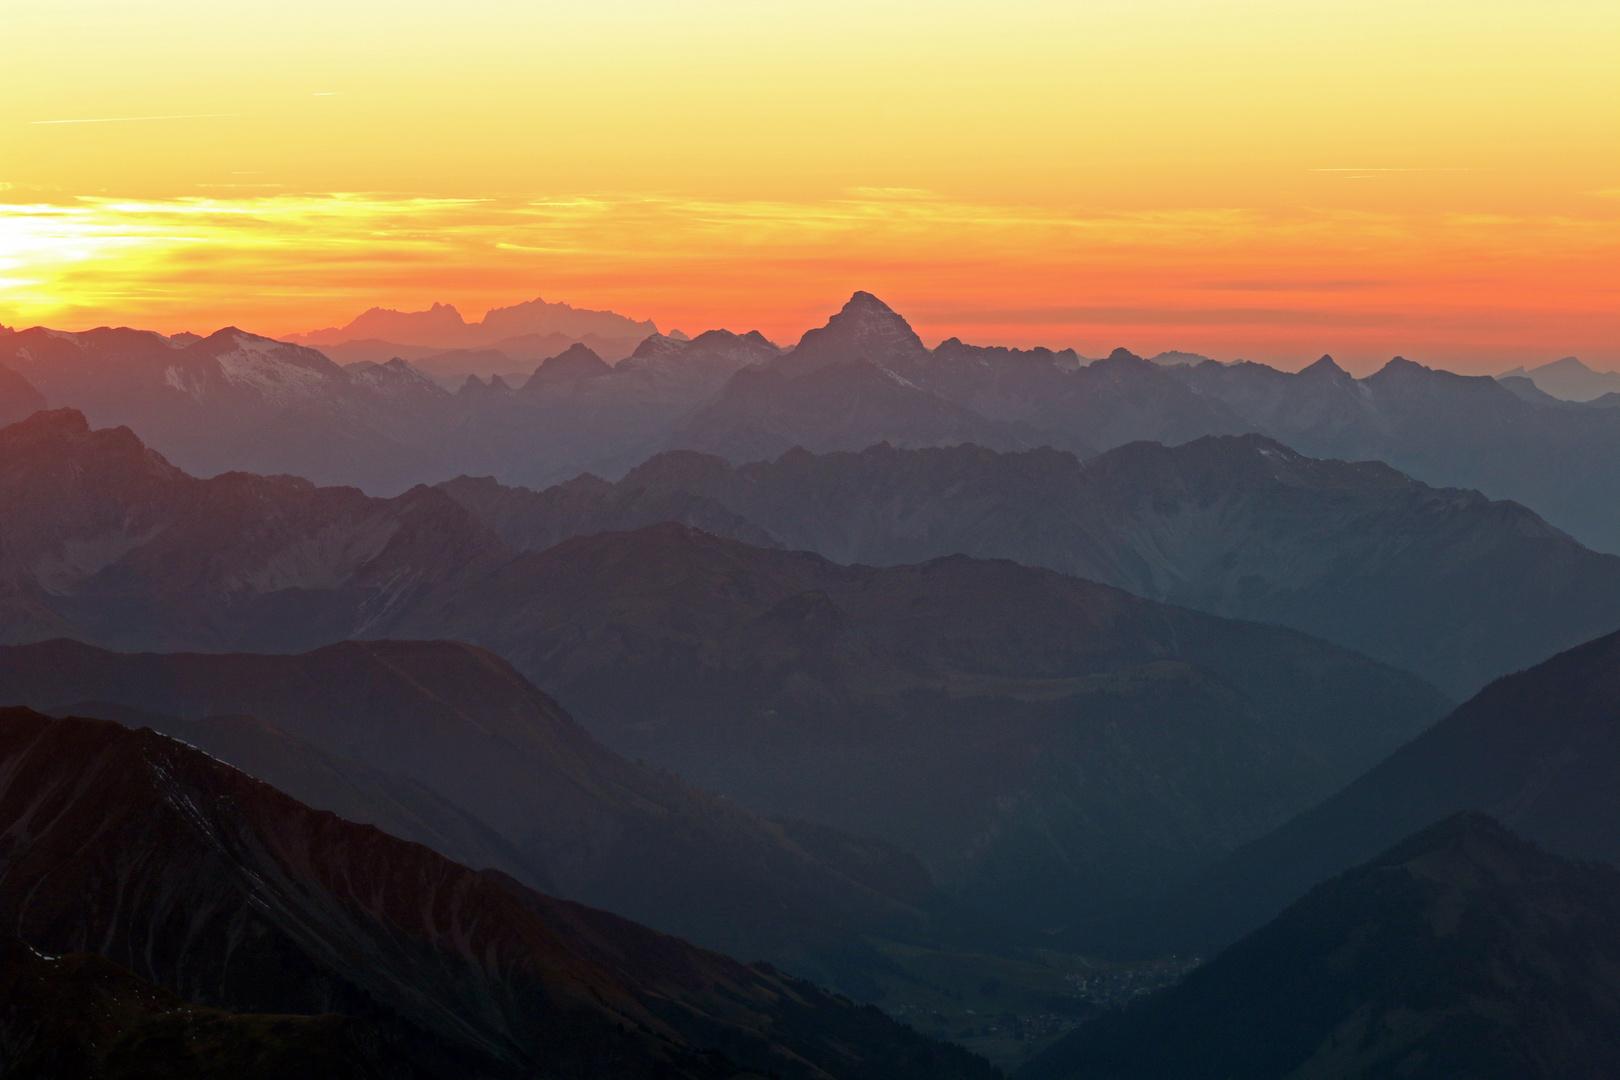 Berge und Tal bei Sonnenuntergang